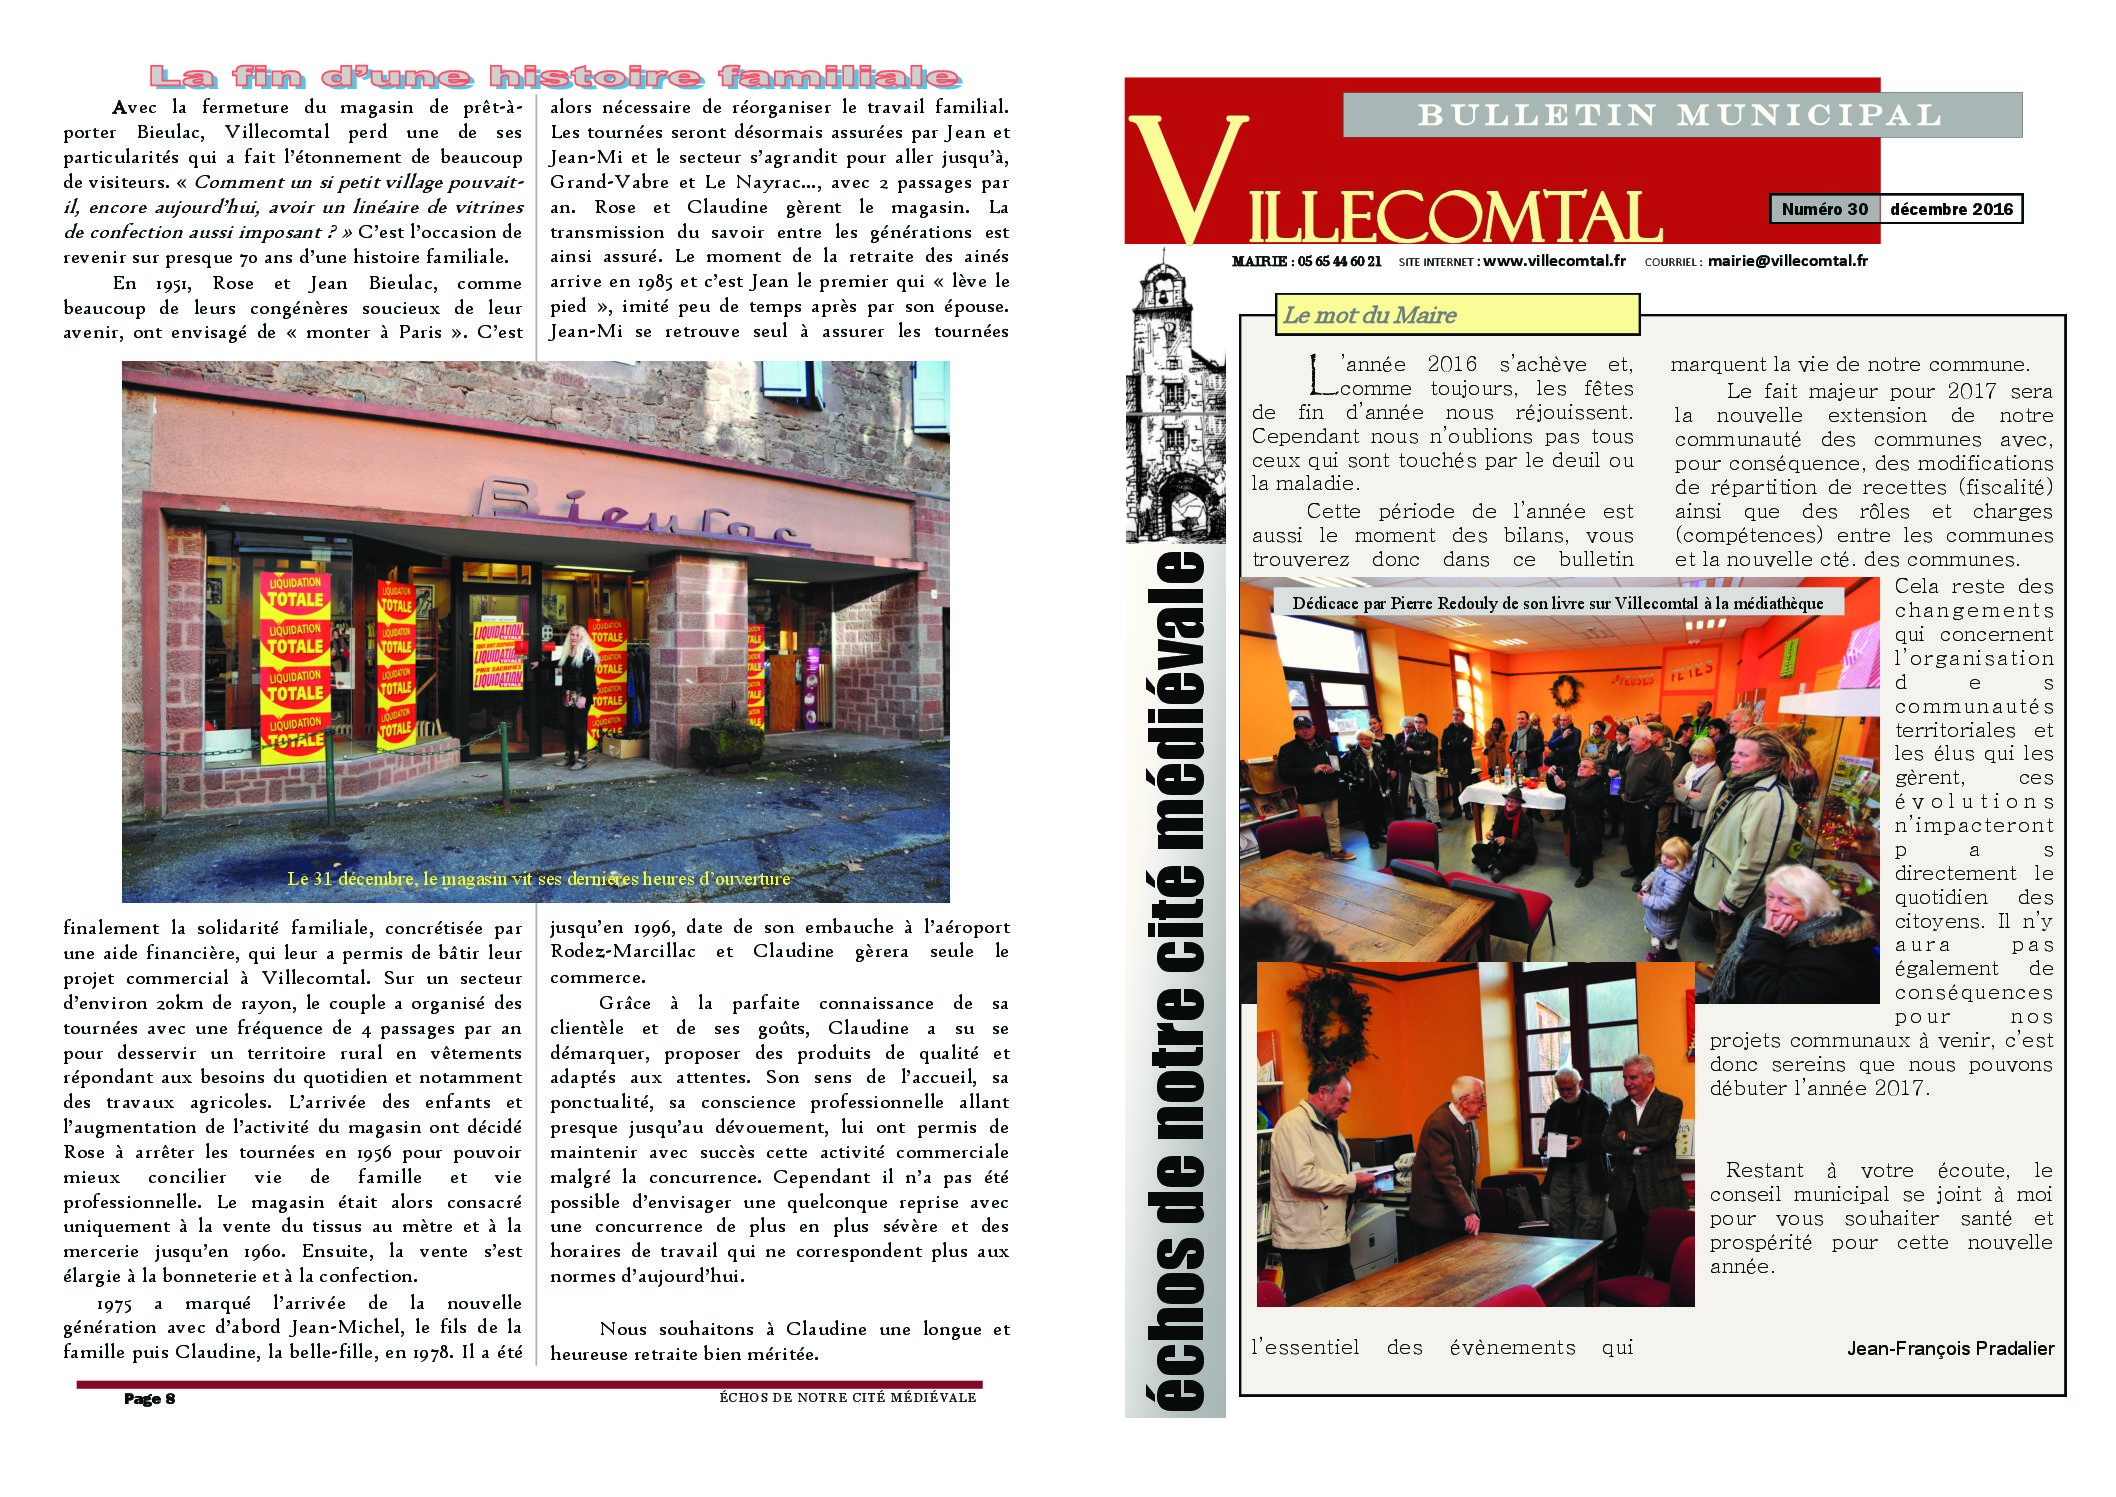 Bulletin municipal n°30